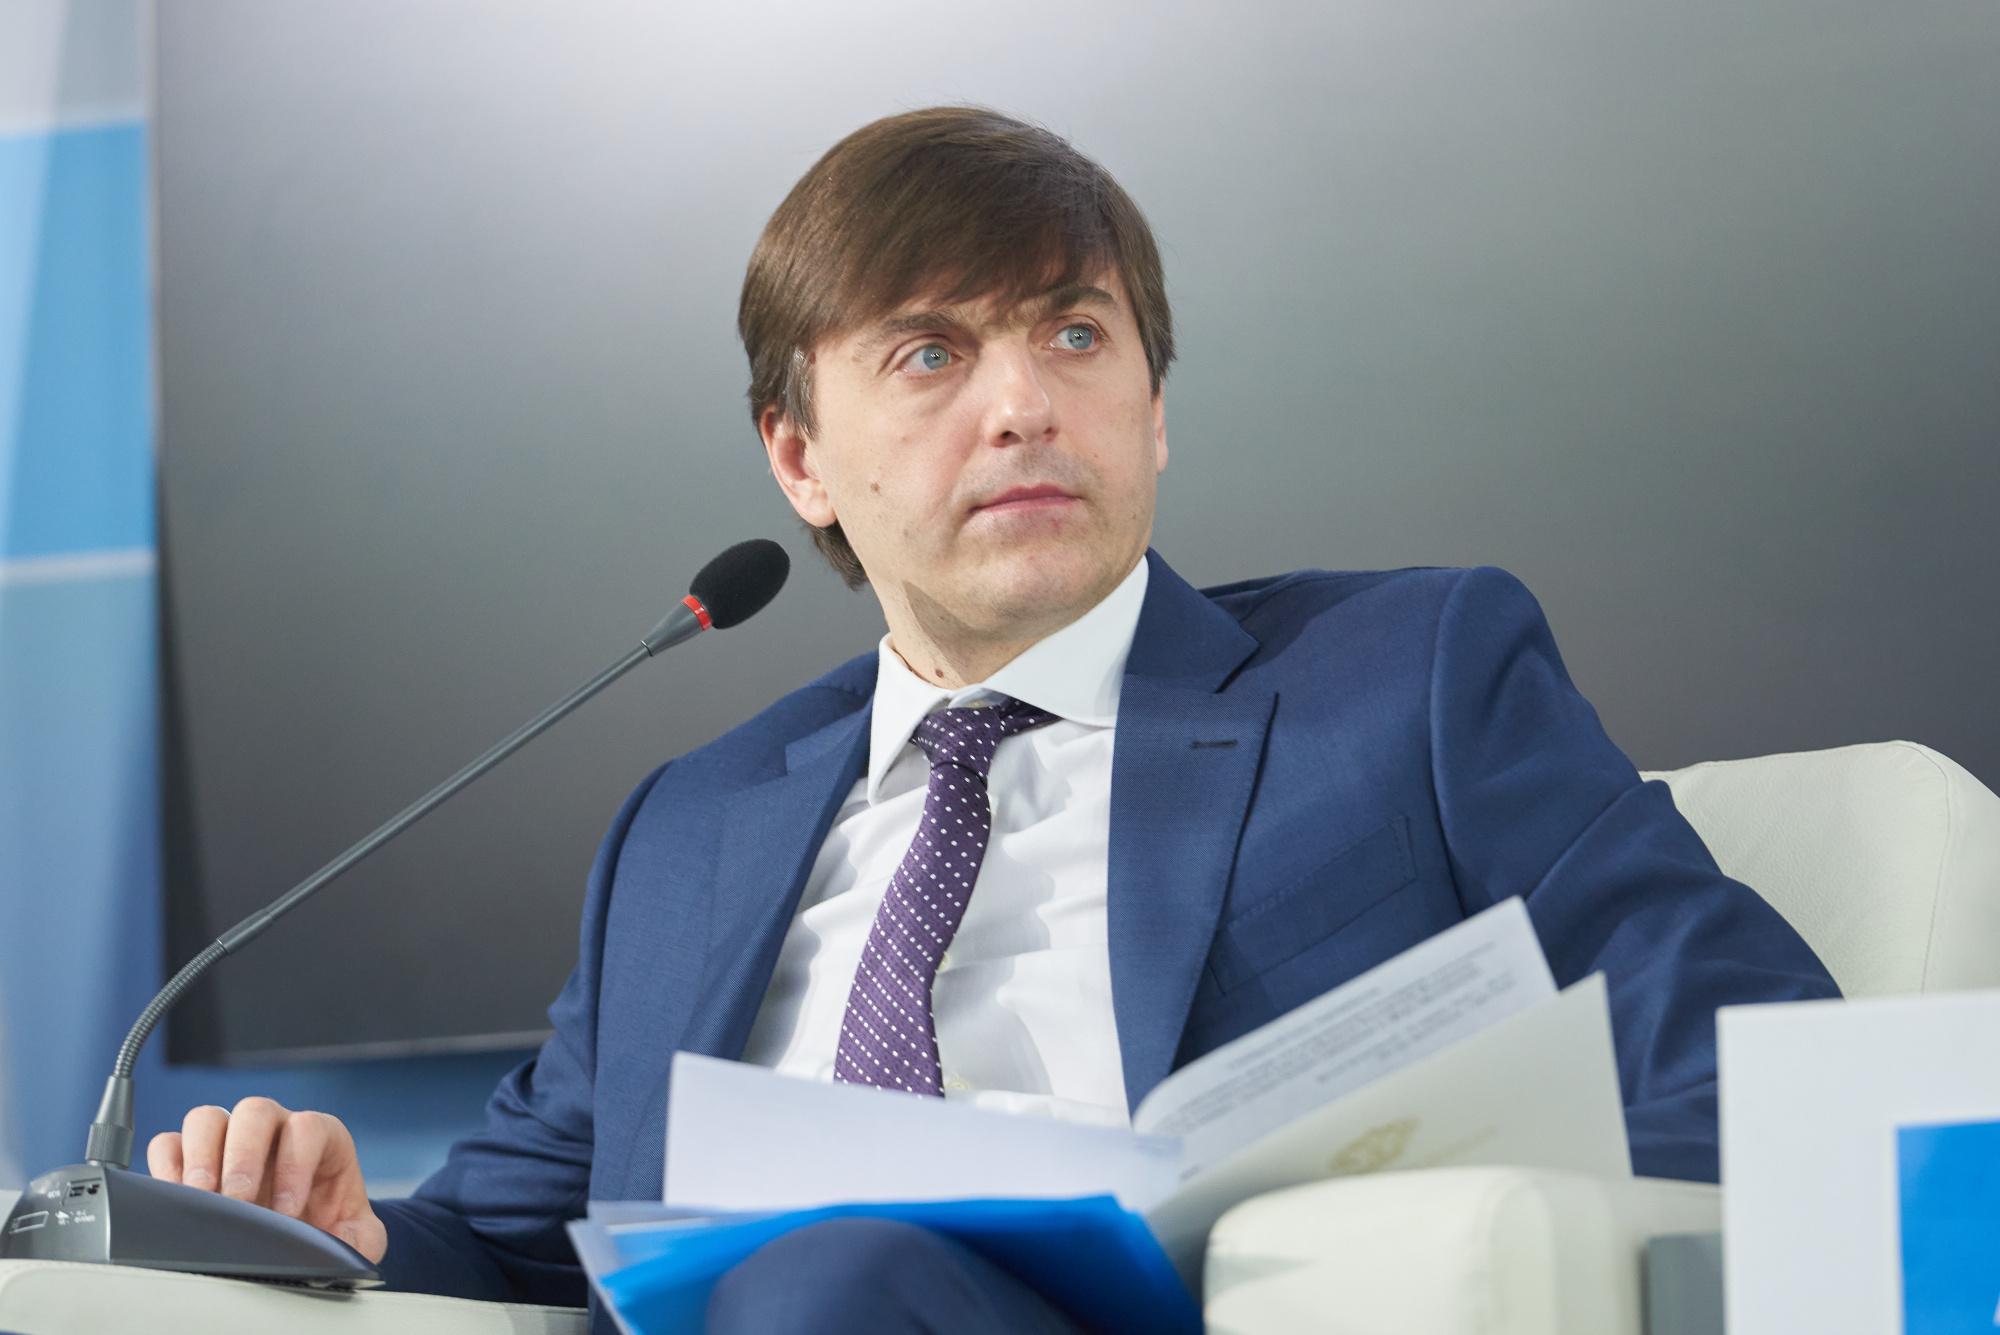 Глава министерства просвещения Сергей Кравцов засвидетельствовал свое почтение выпускников с началом нового этапа в жизни